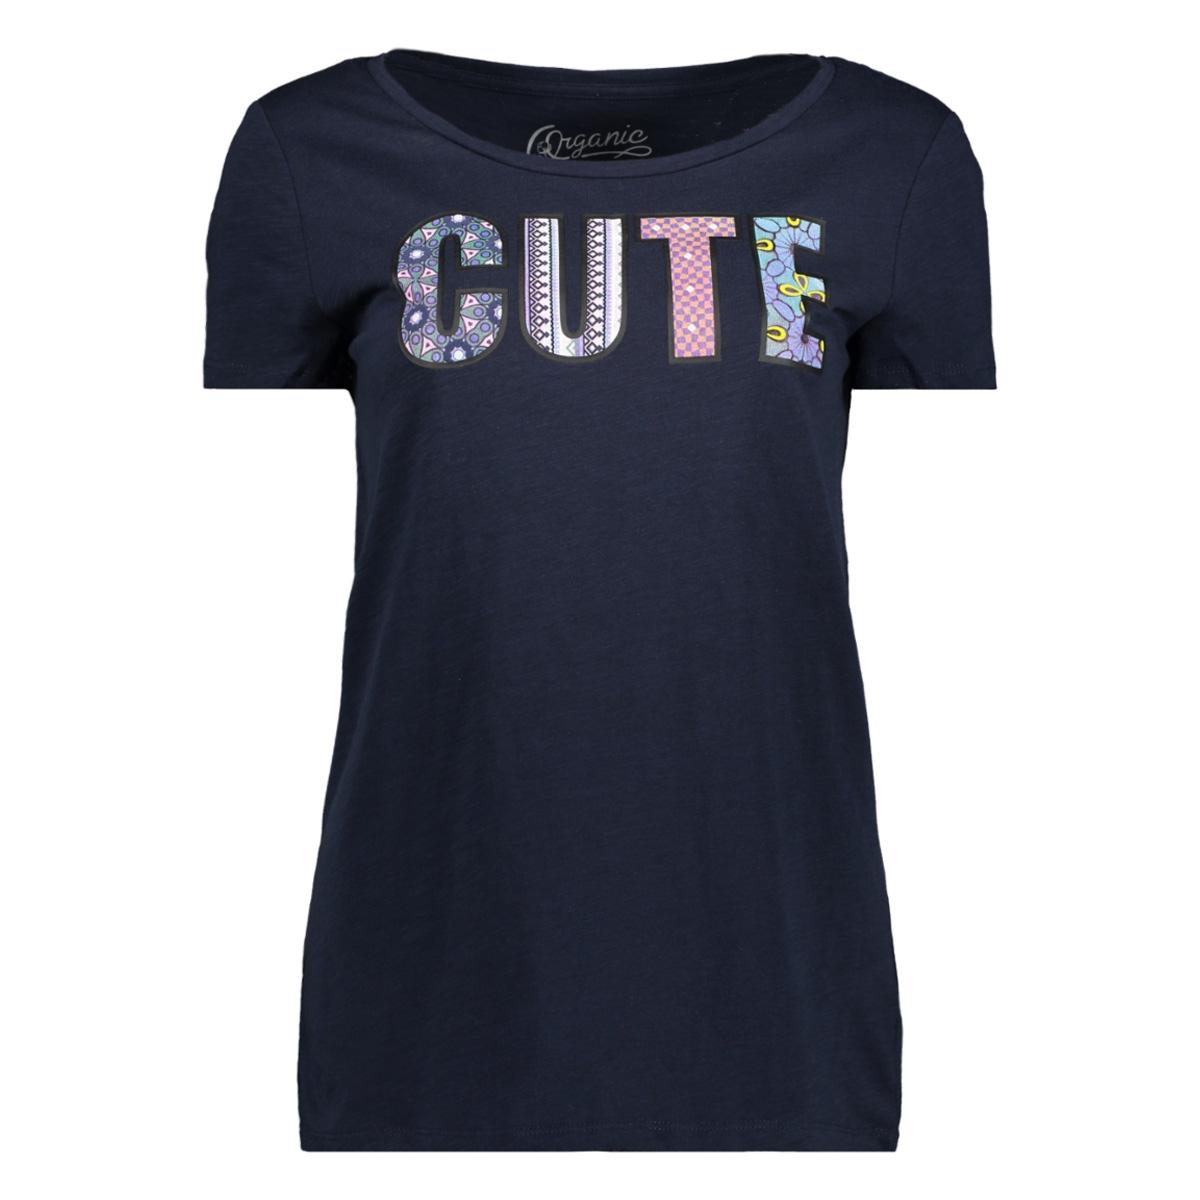 039cc1k019 edc t-shirt c400